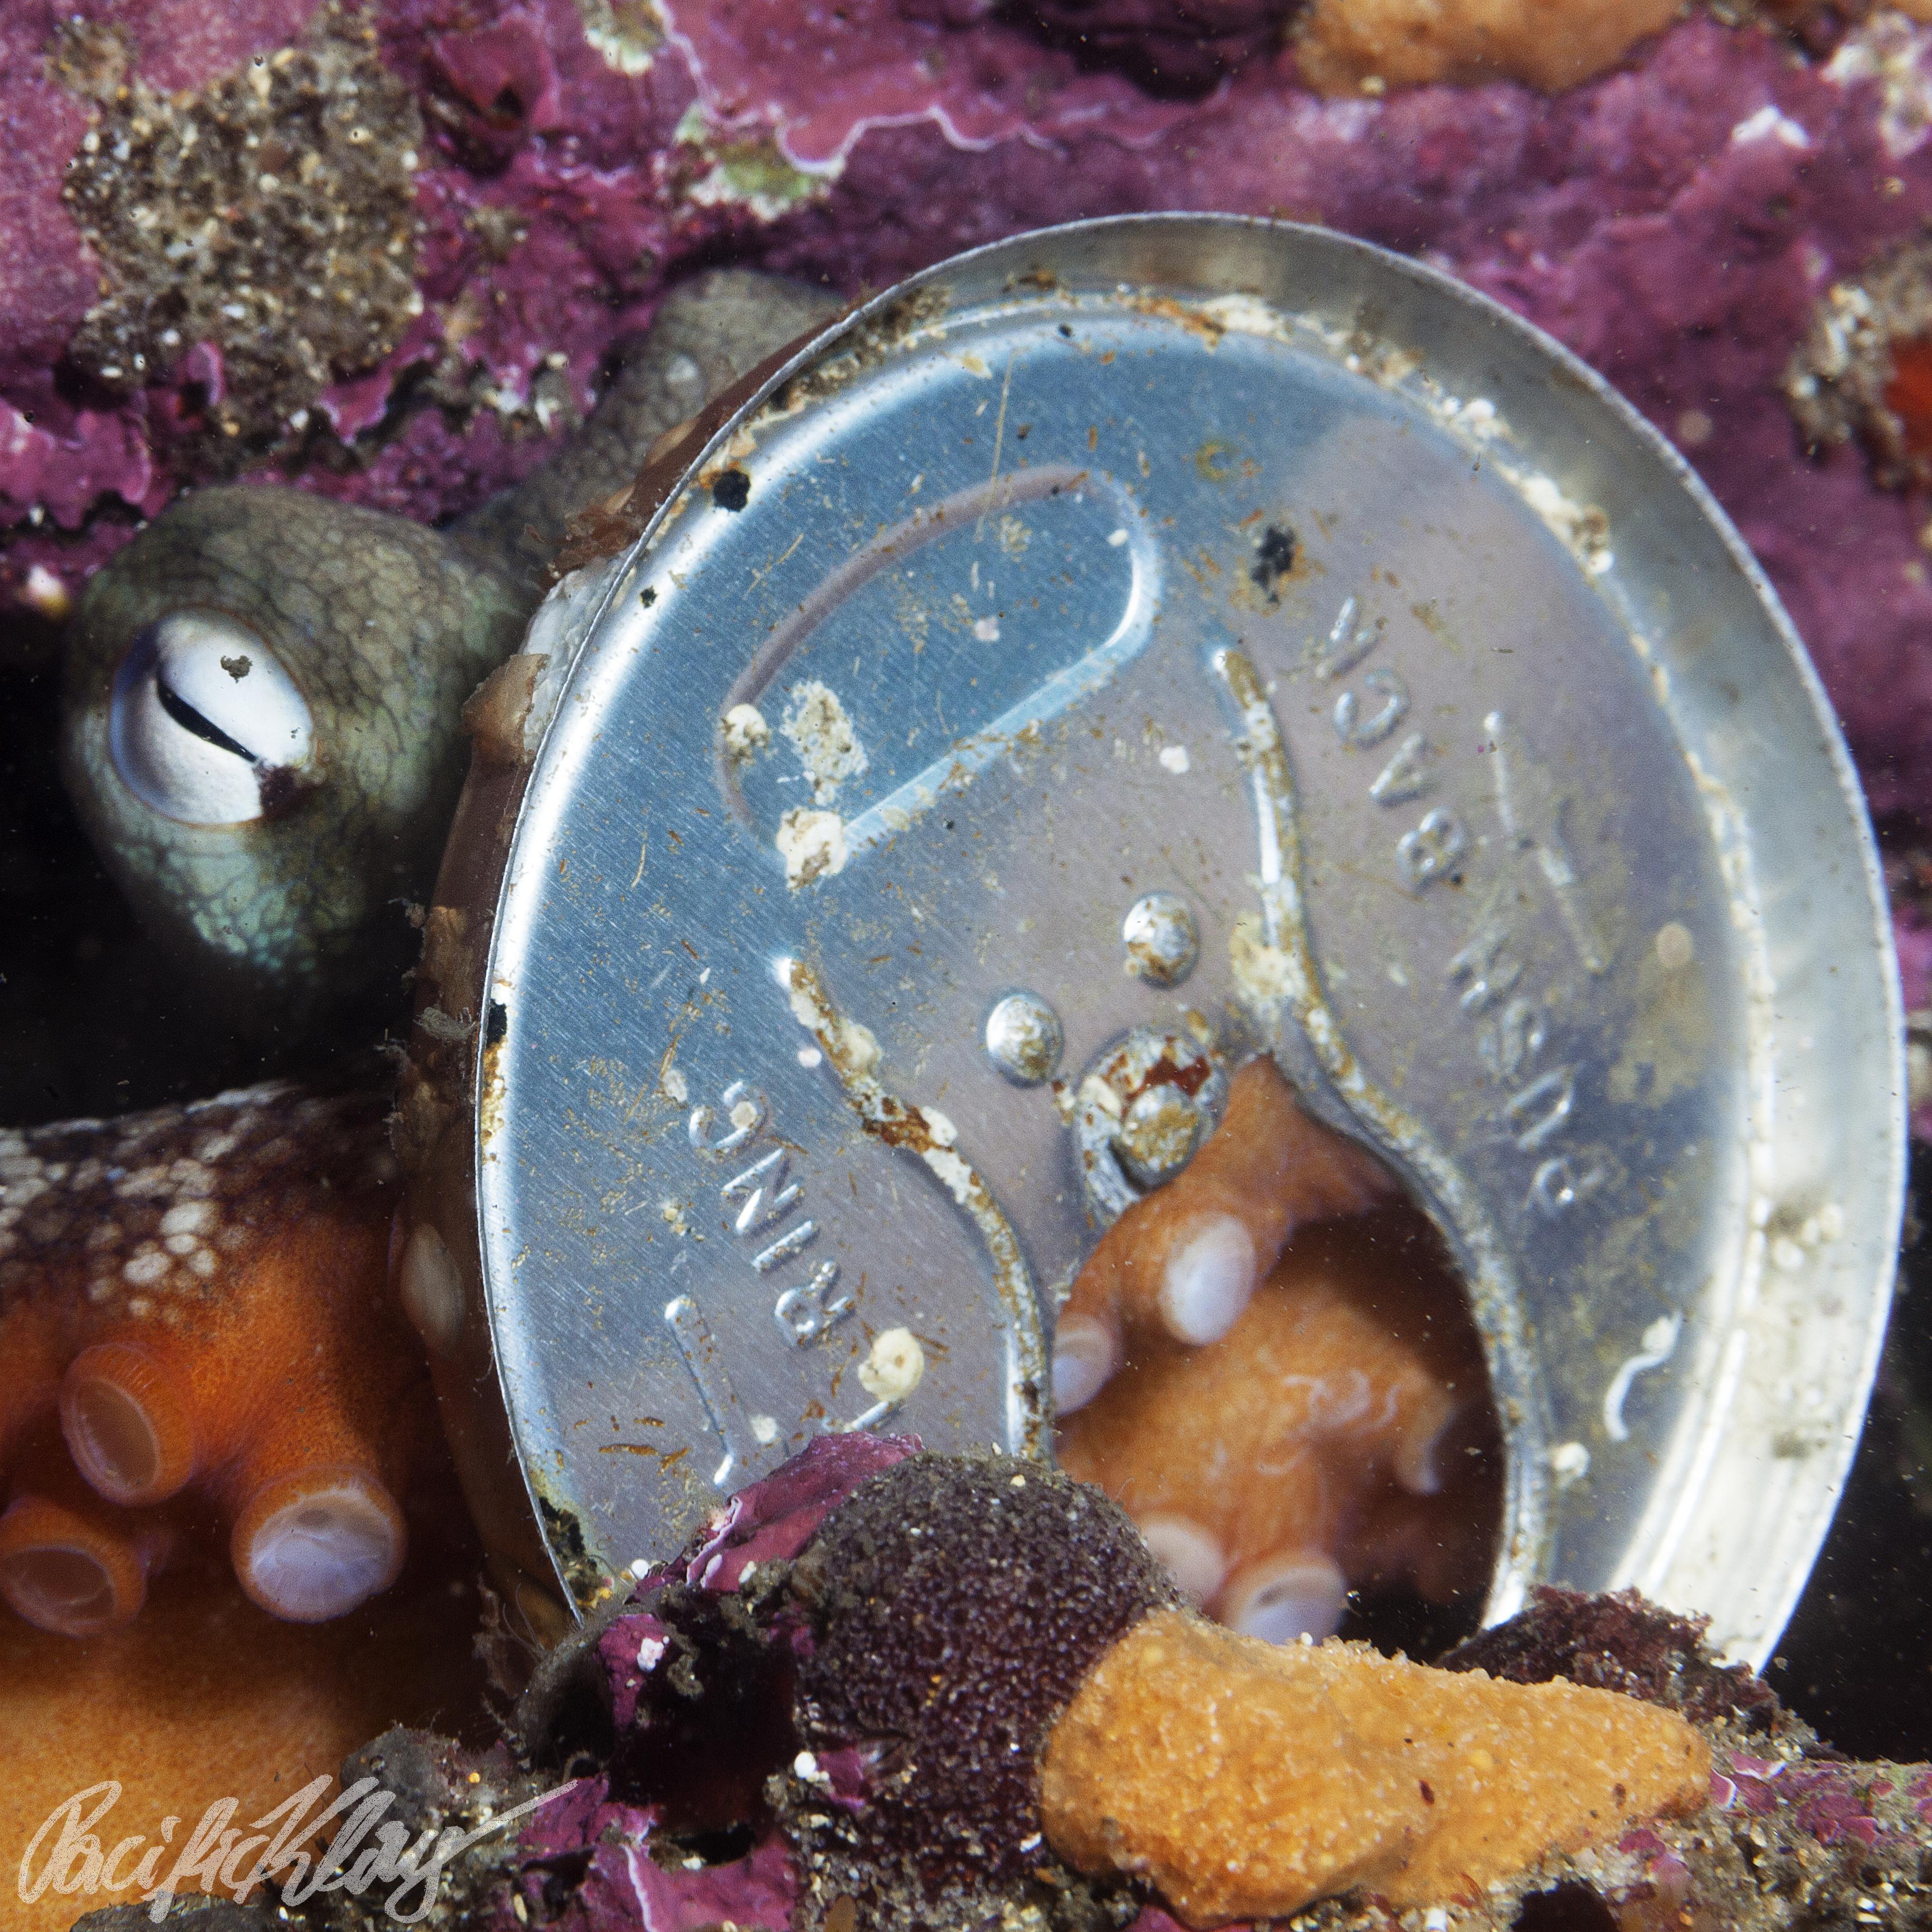 An invertebrate in the aluminum-age.